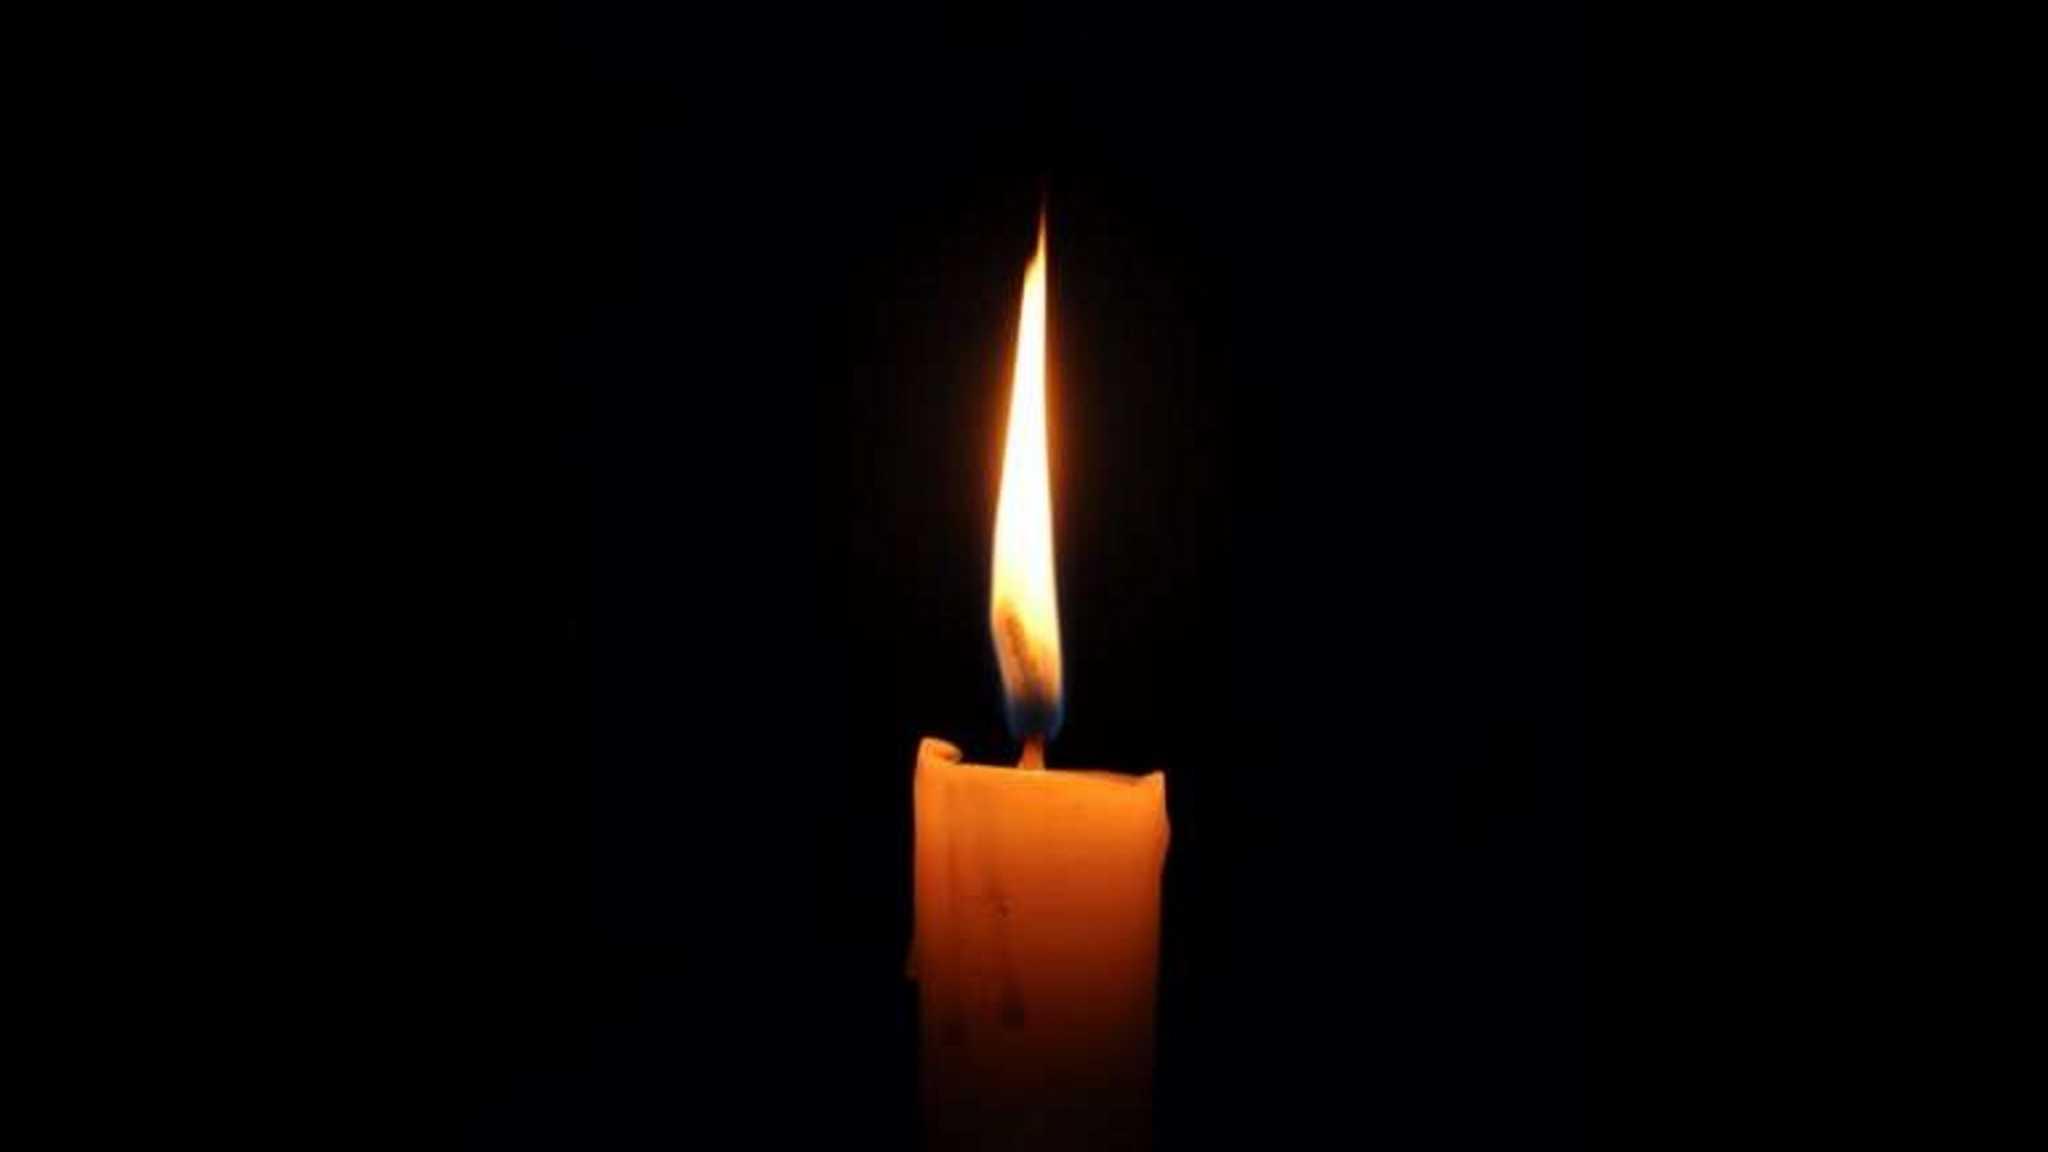 Θρήνος στη Δόξα Δράμας! Πέθανε από κορονοϊό παλαίμαχος παίκτης της ομάδας